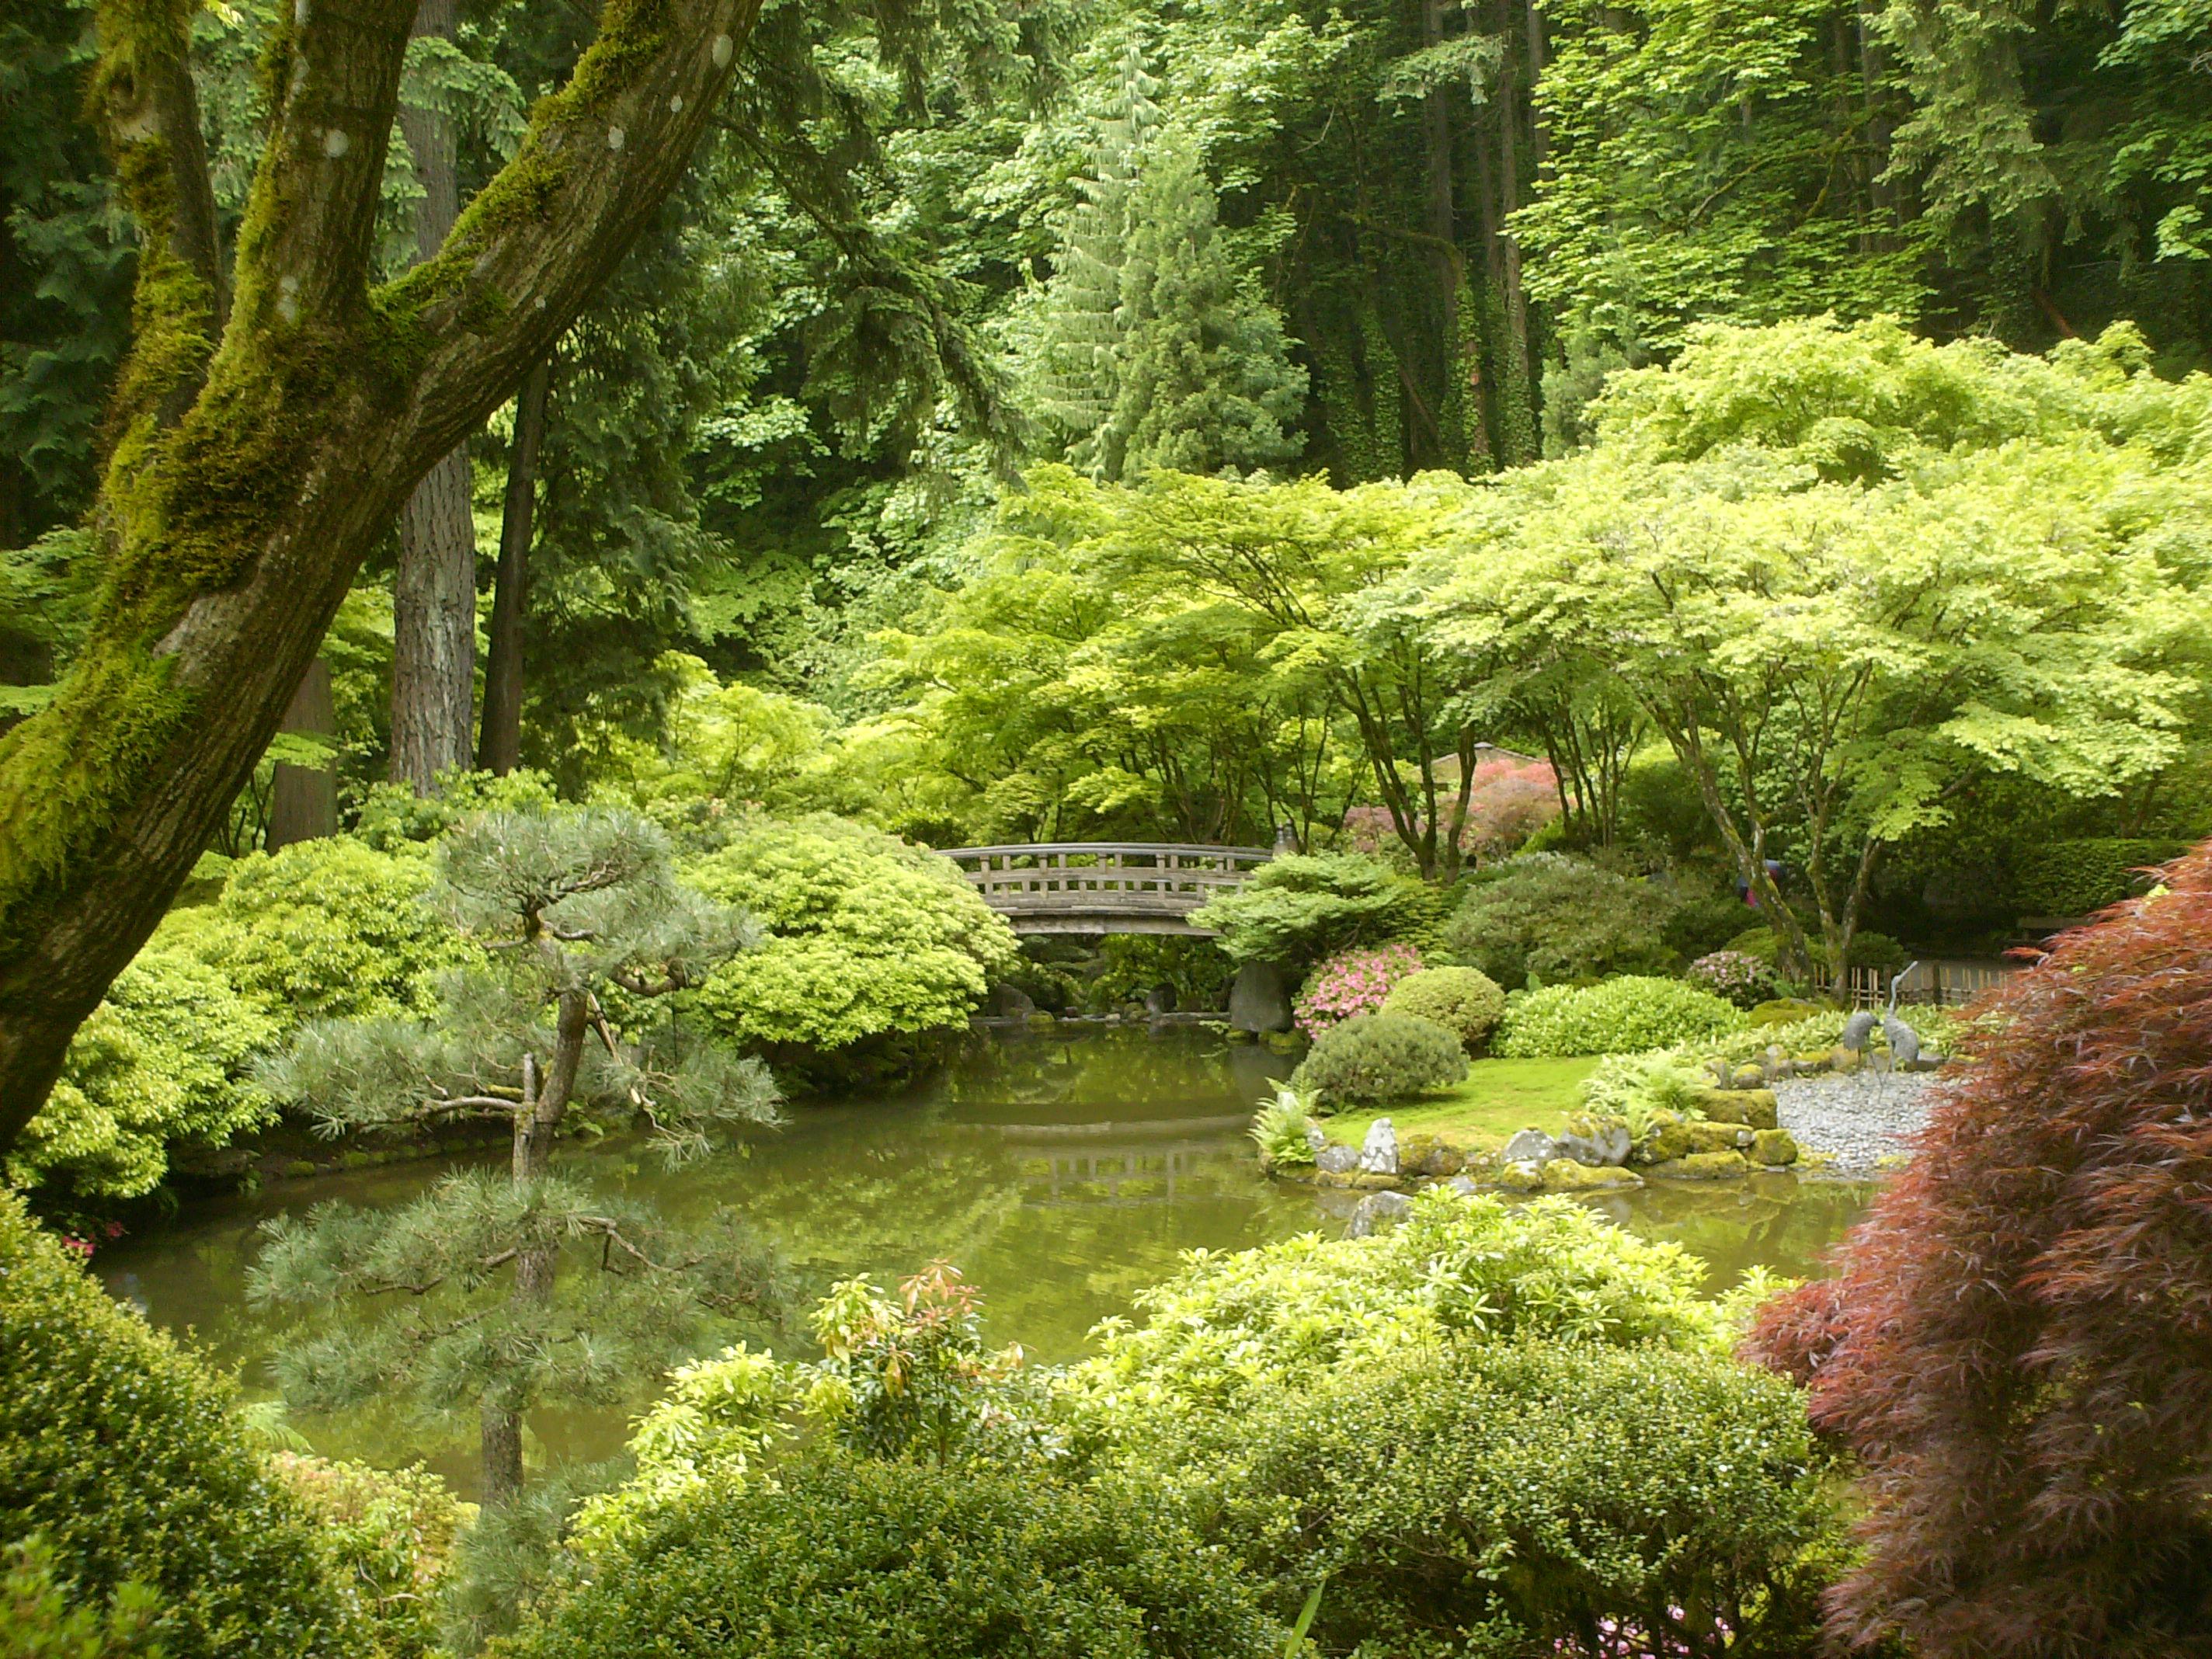 Japanese zen gardens 10 by ebazz8305 on deviantart for Free japanese garden designs